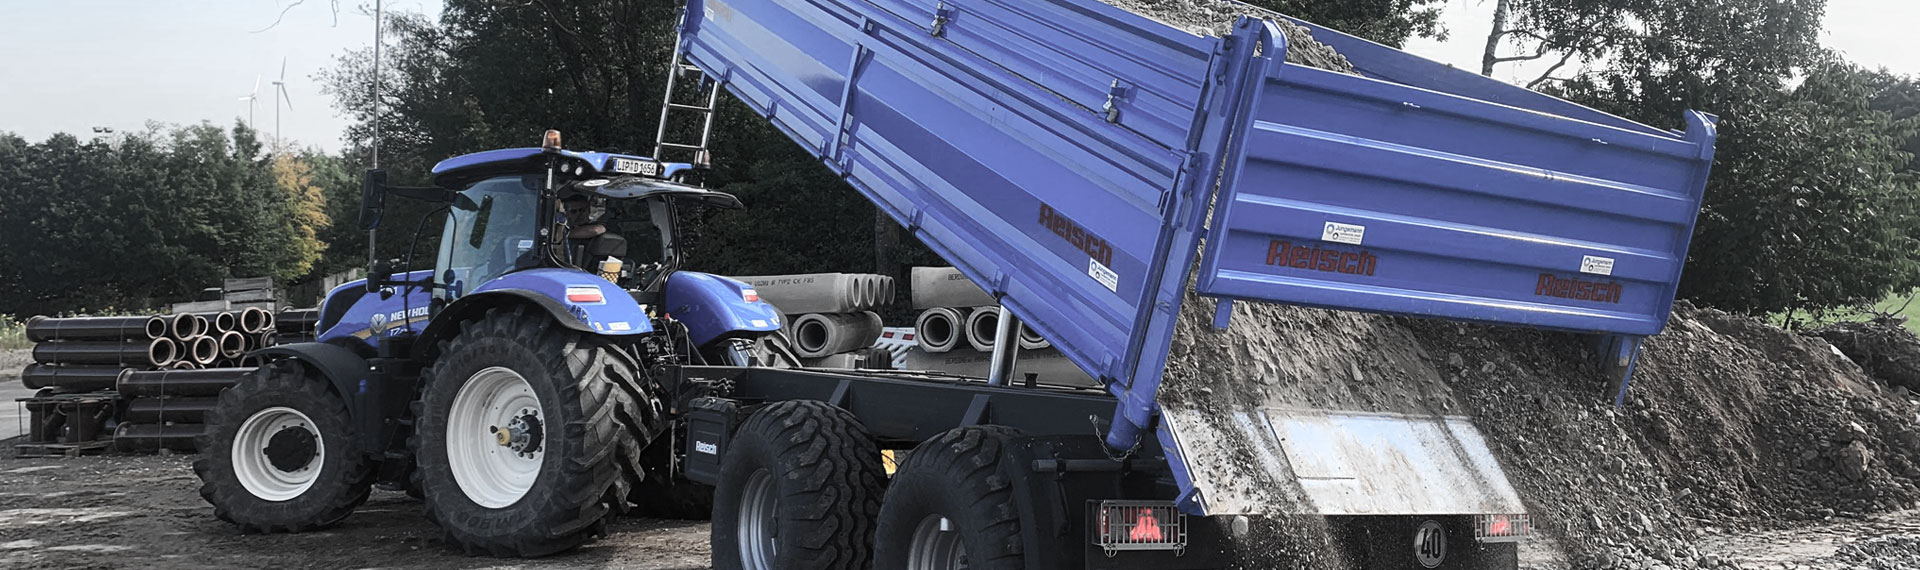 Hardox® acéllemezből készült felépítménnyel rendelkező kék színű, billenőfelépítményes teherautó, amely kőzetszállítmányt ürít ki.